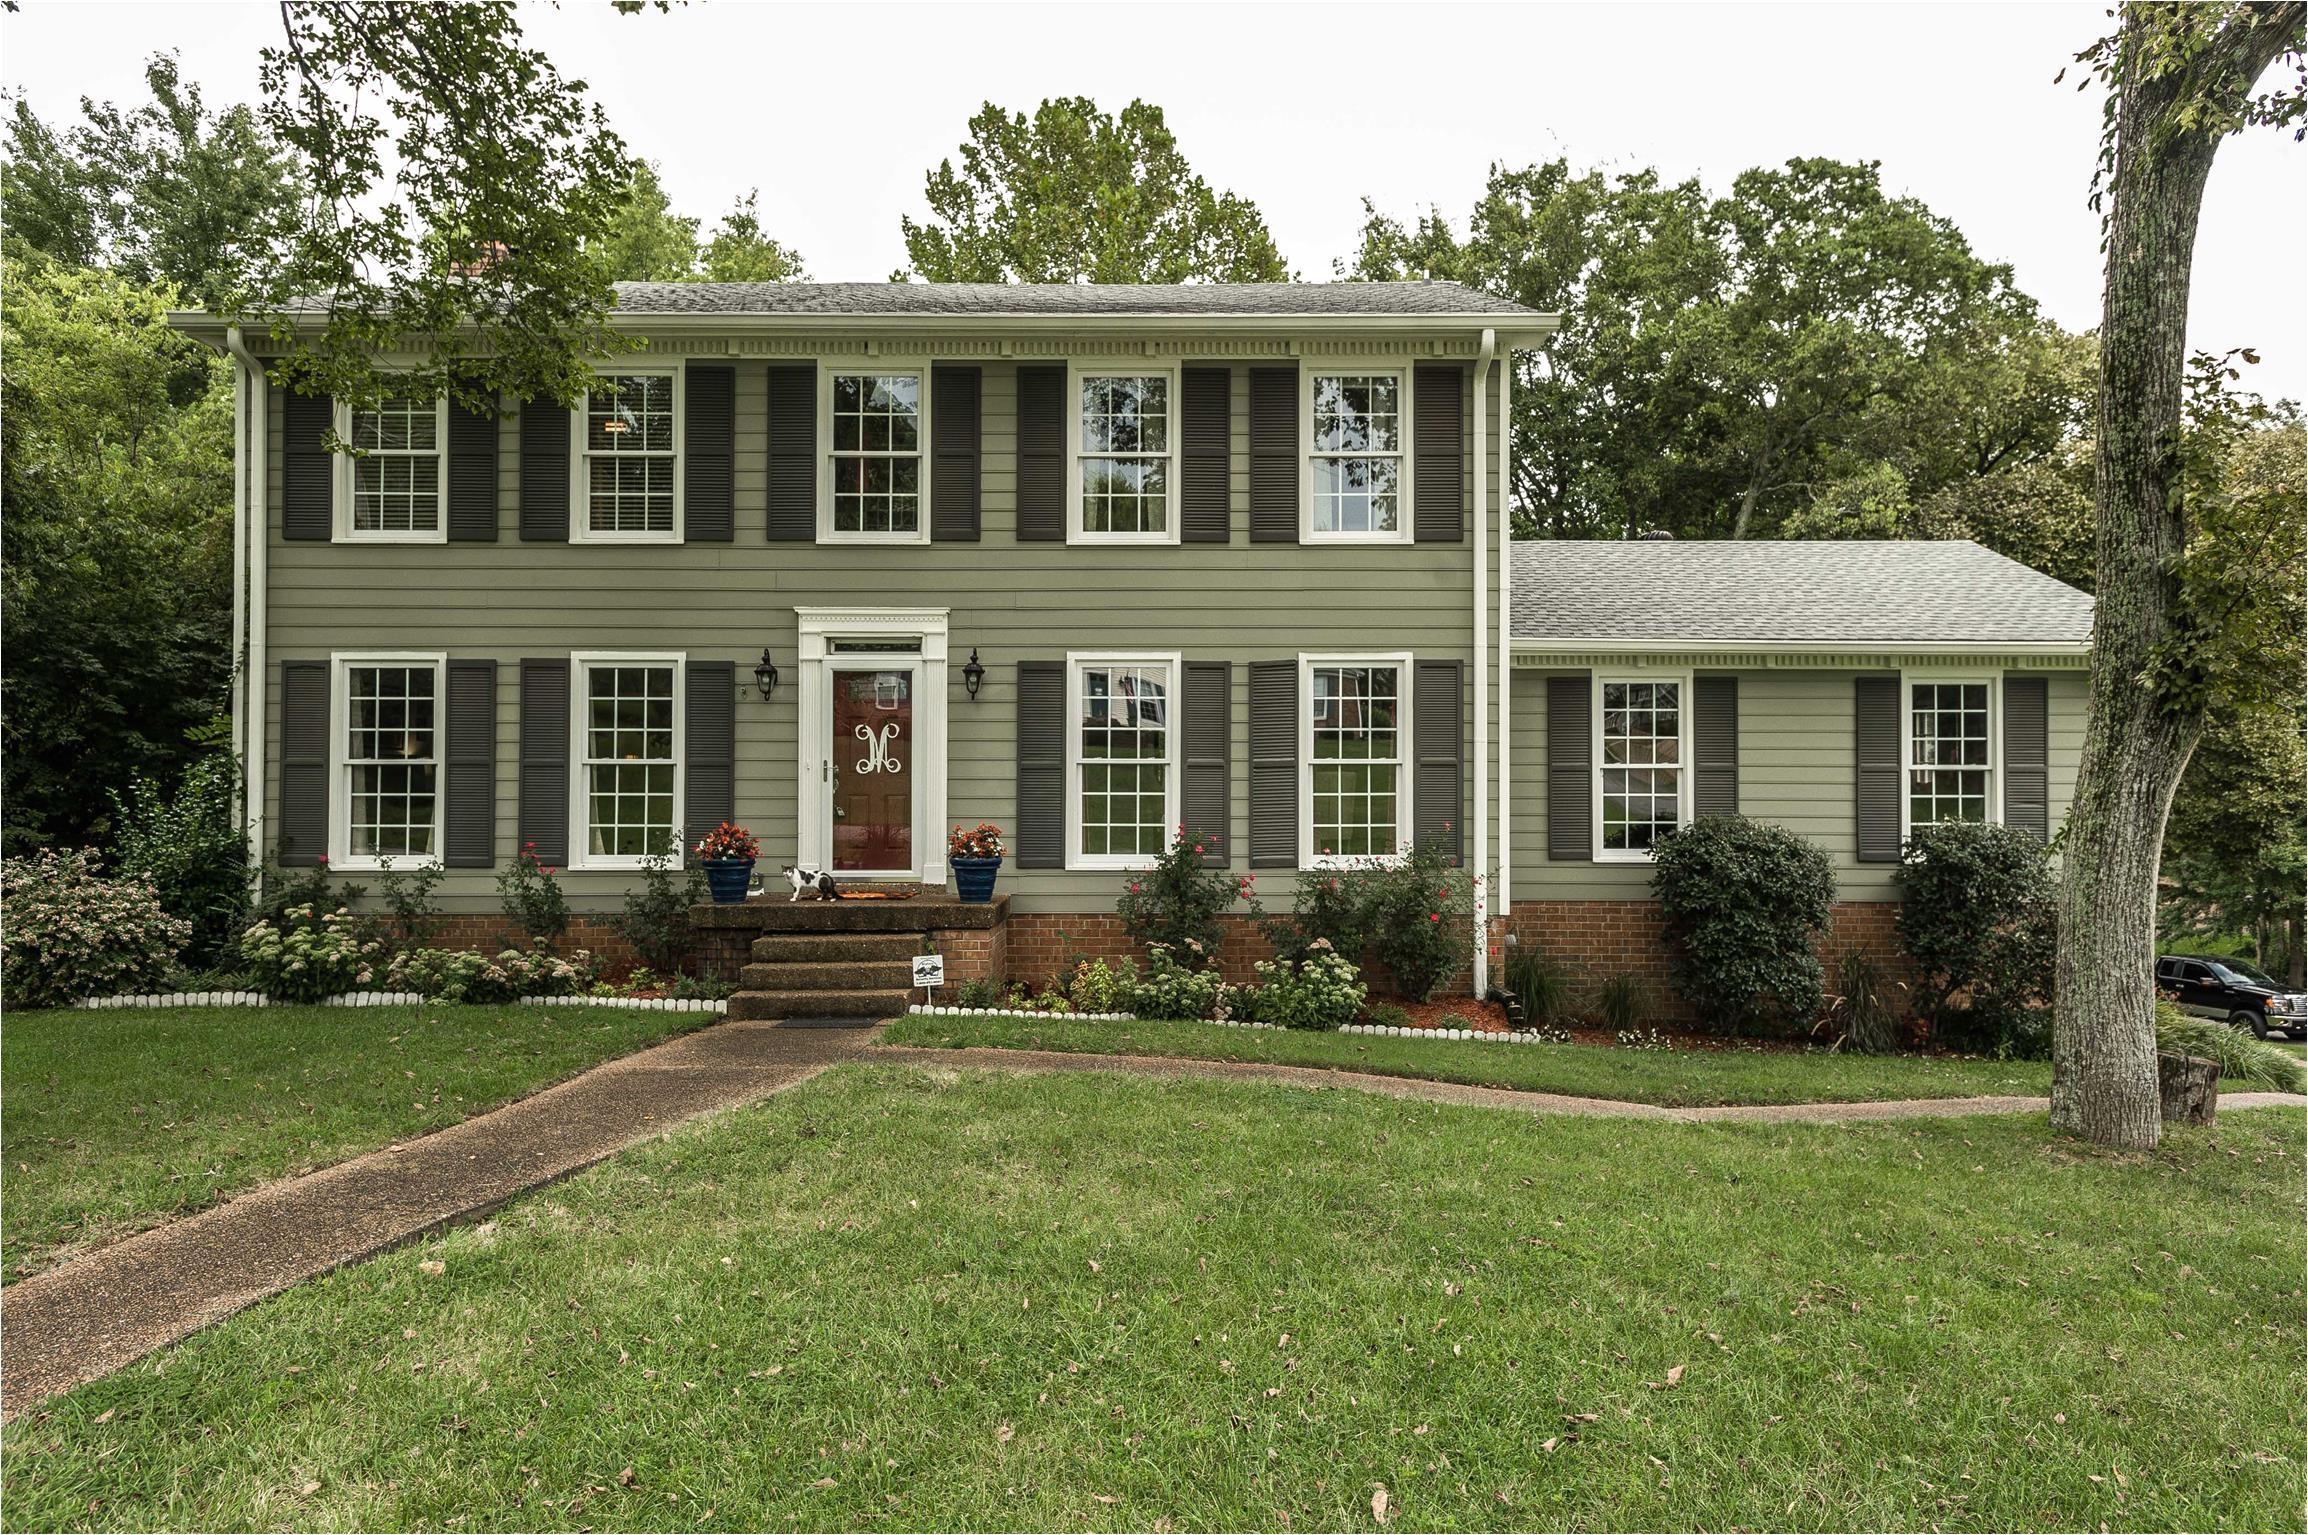 Homes for Sale In Hendersonville Tennessee 129 Ervin Dr Hendersonville Mls 1859928